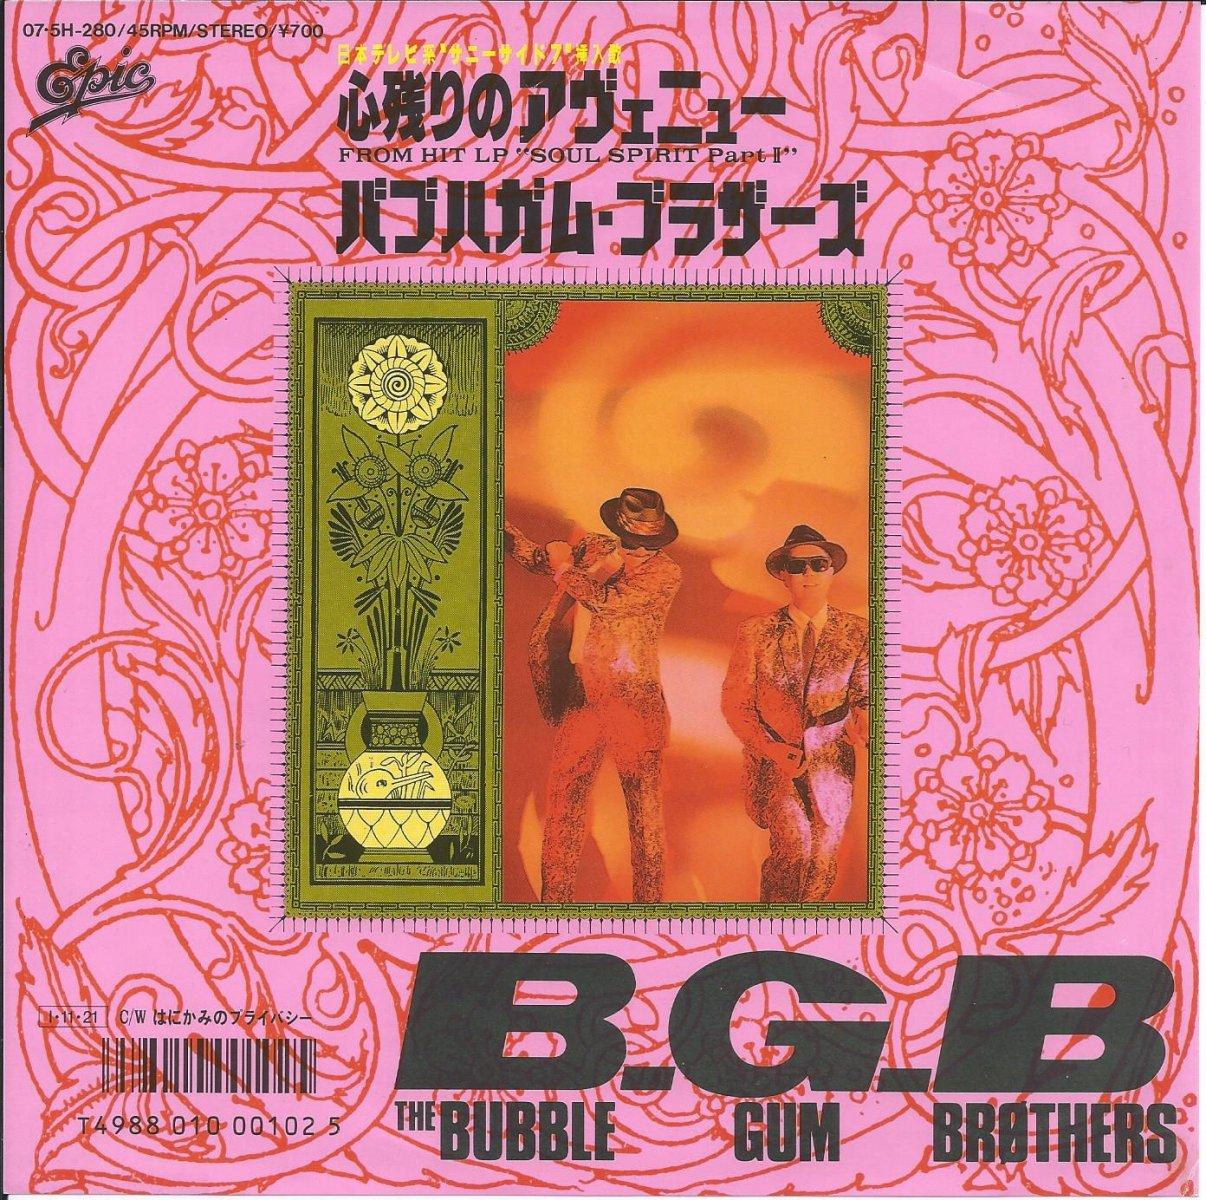 バブルガム・ブラザーズ THE BUBBLE GUM BROTHERS (B.G.B.) / 心残りのアヴェニュー (7